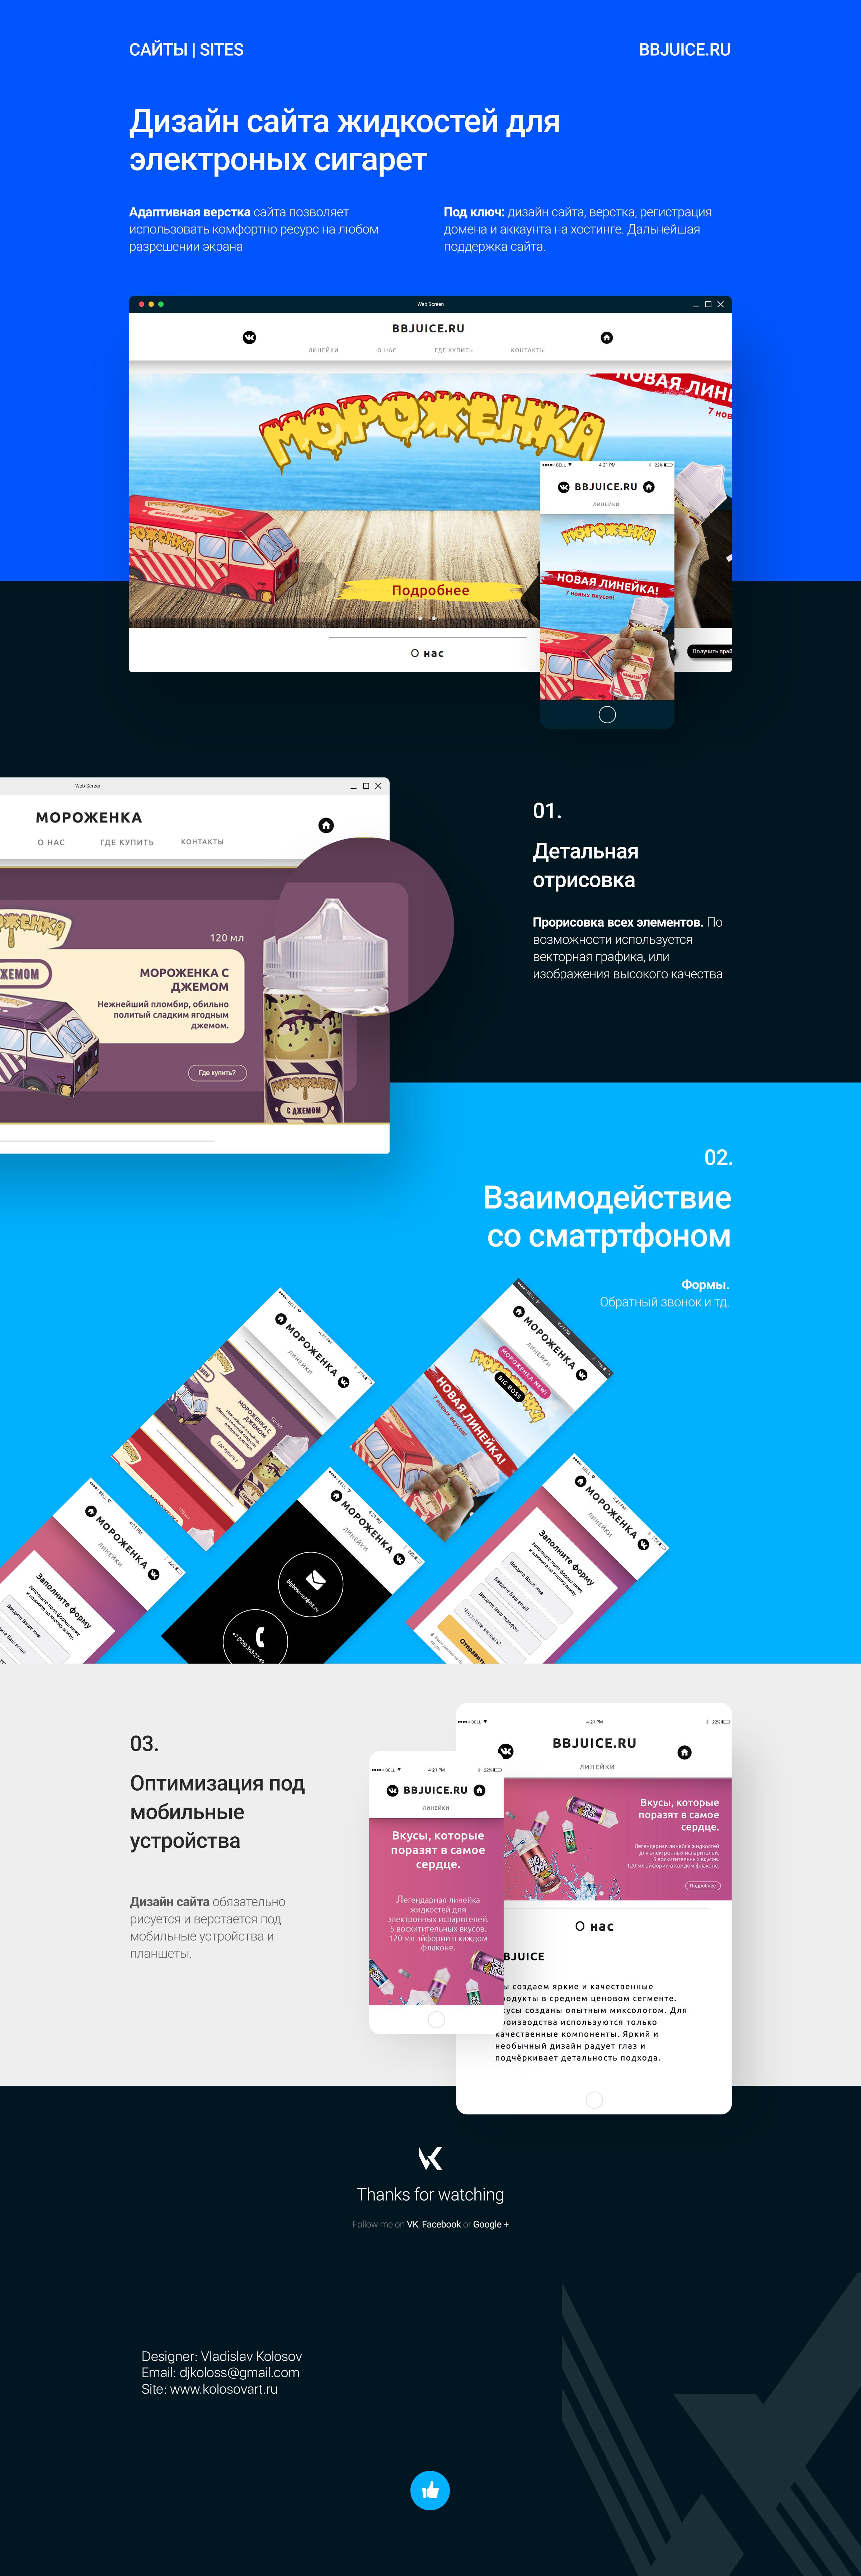 Дизайн сайта жидкостей для электронных сигарет